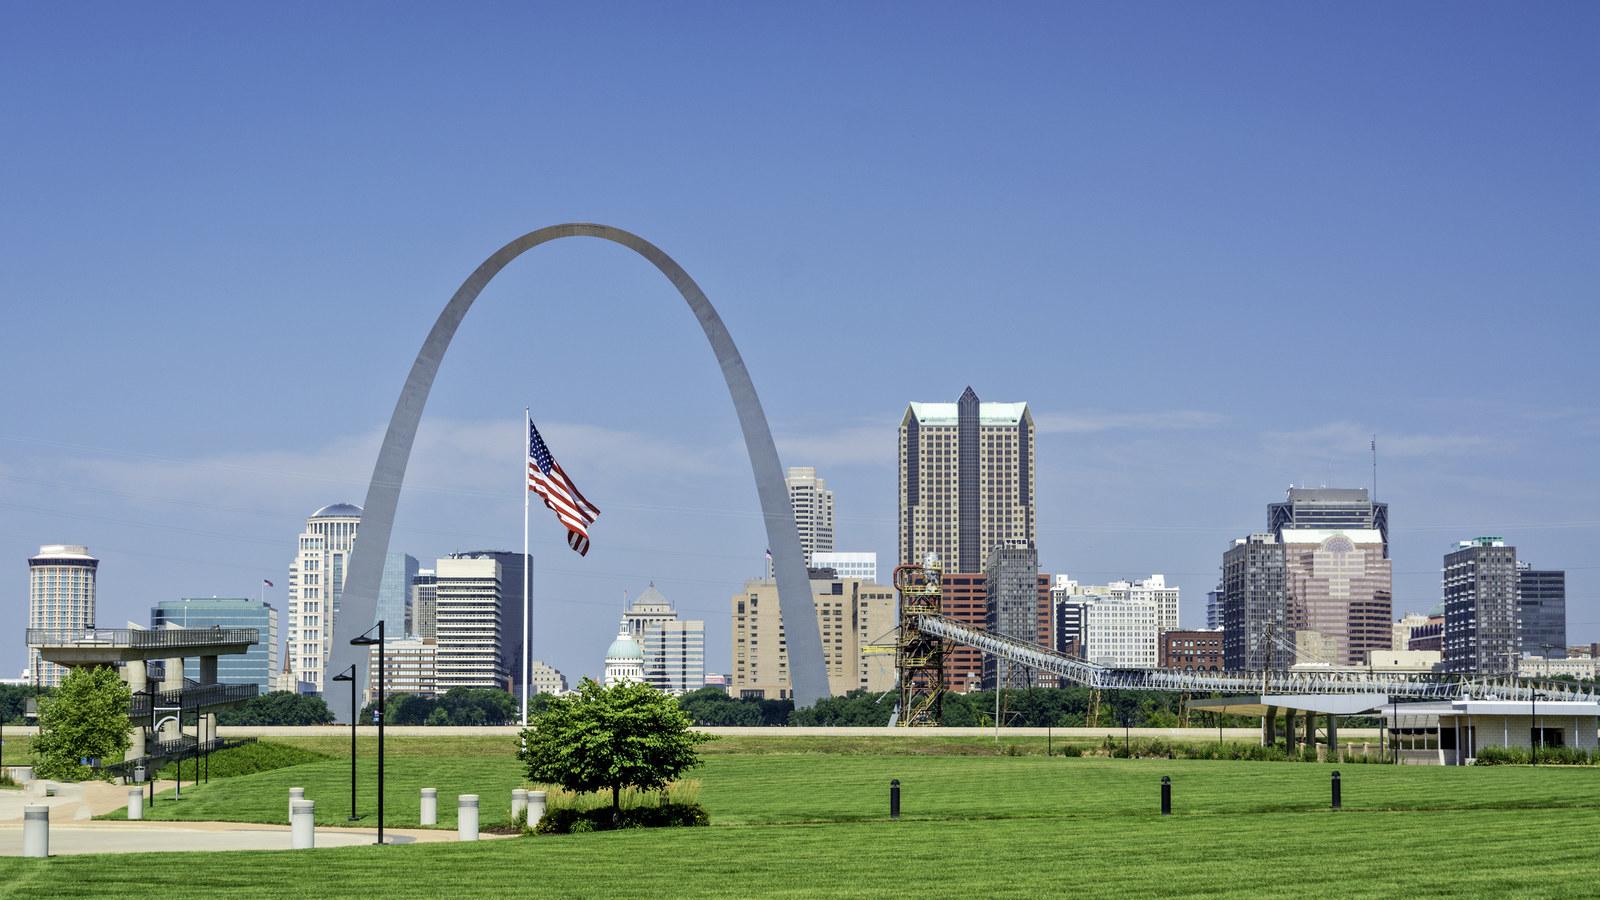 St. Louis, Missoui.